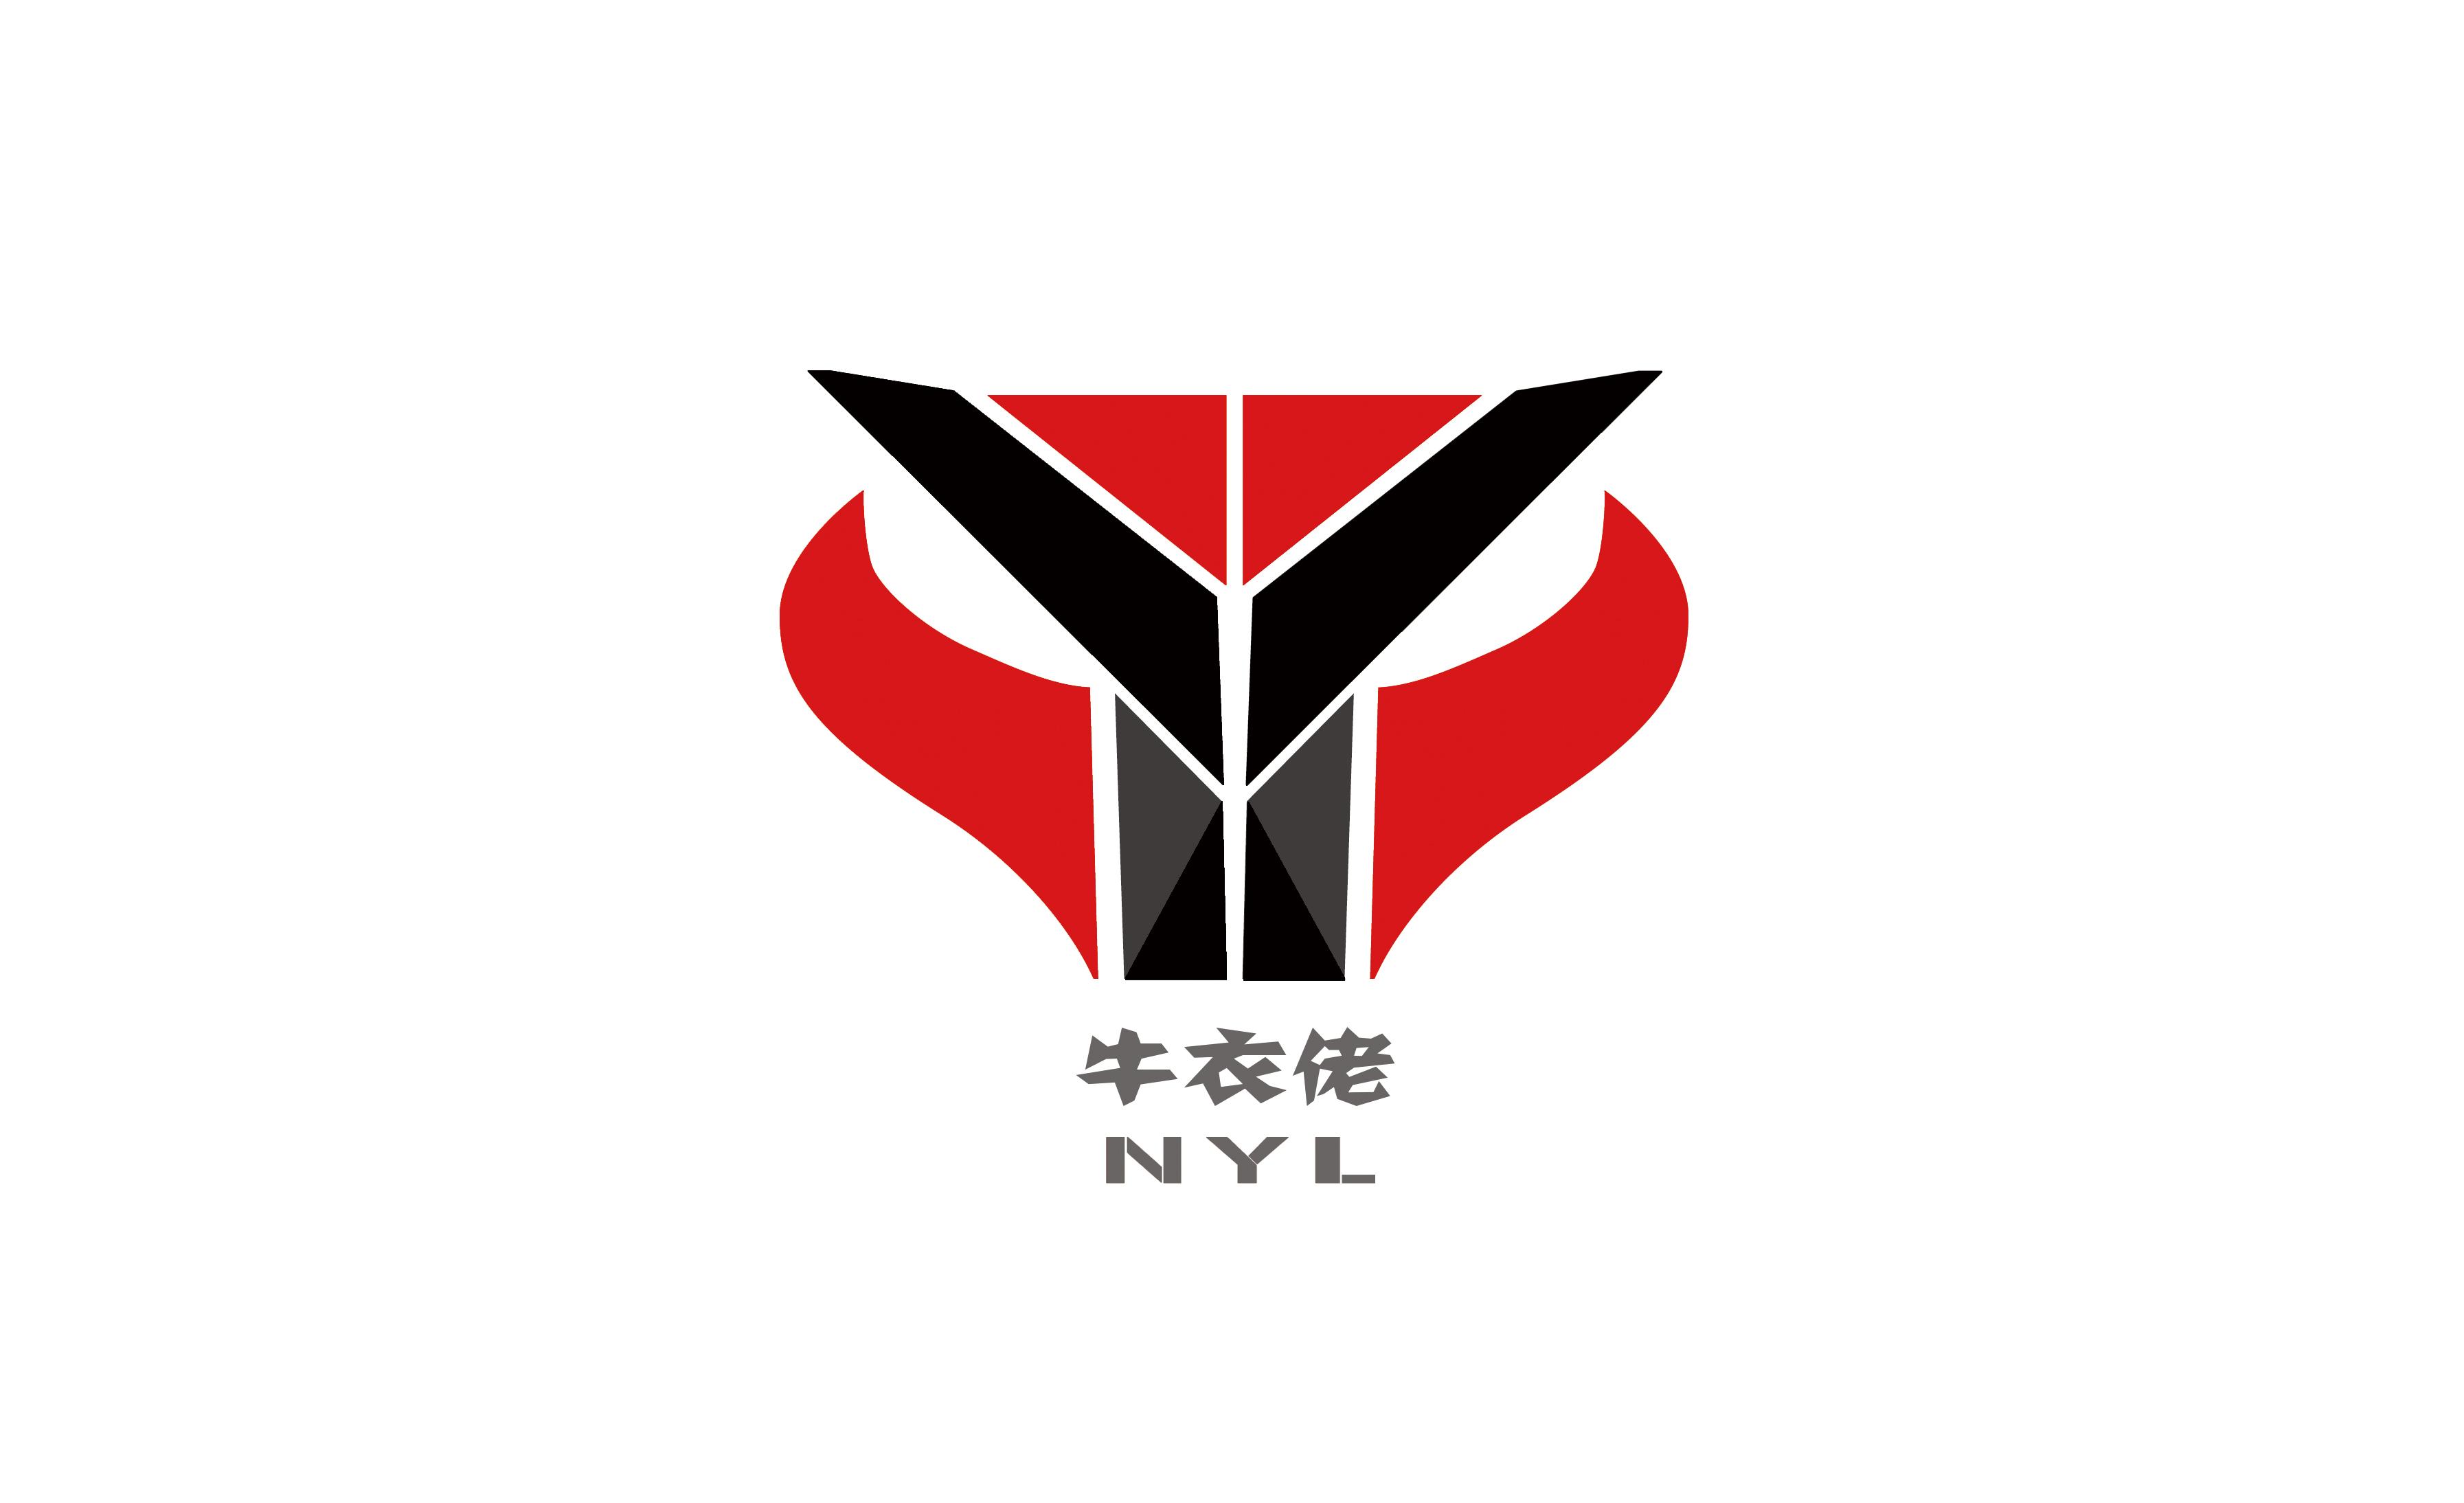 客户老板姓牛.为他服装公司设计一个时尚现代化logo.图片